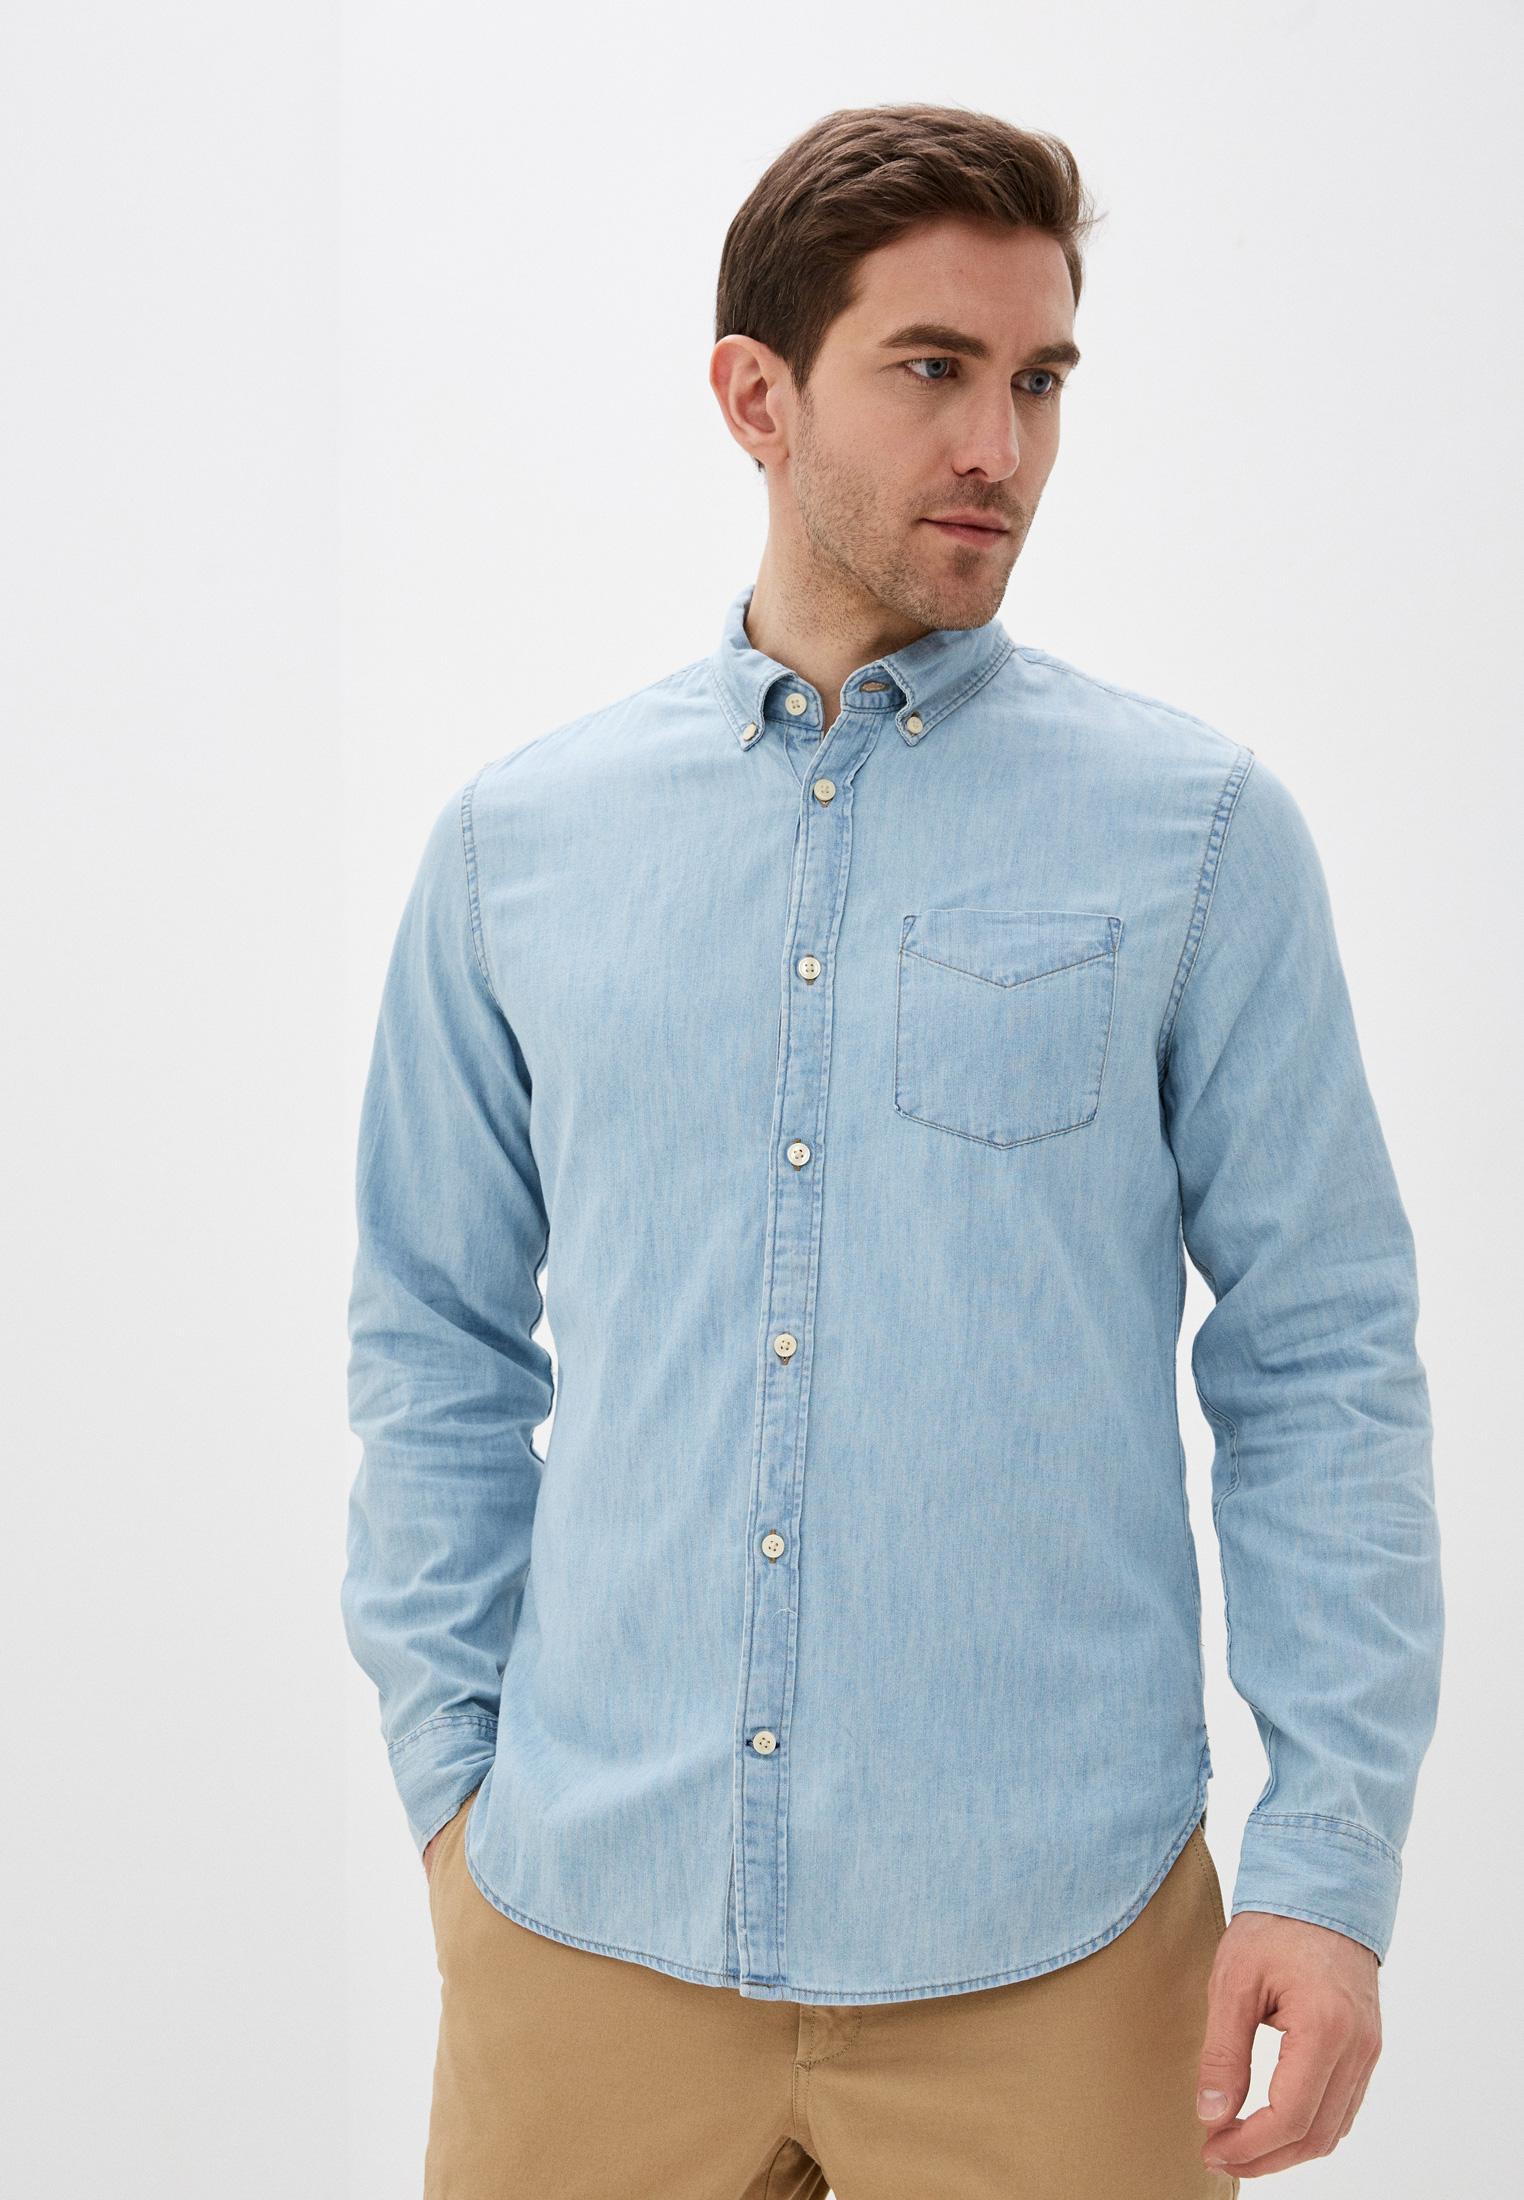 участки картинки рубашек и джинсов захватных устройств достигается